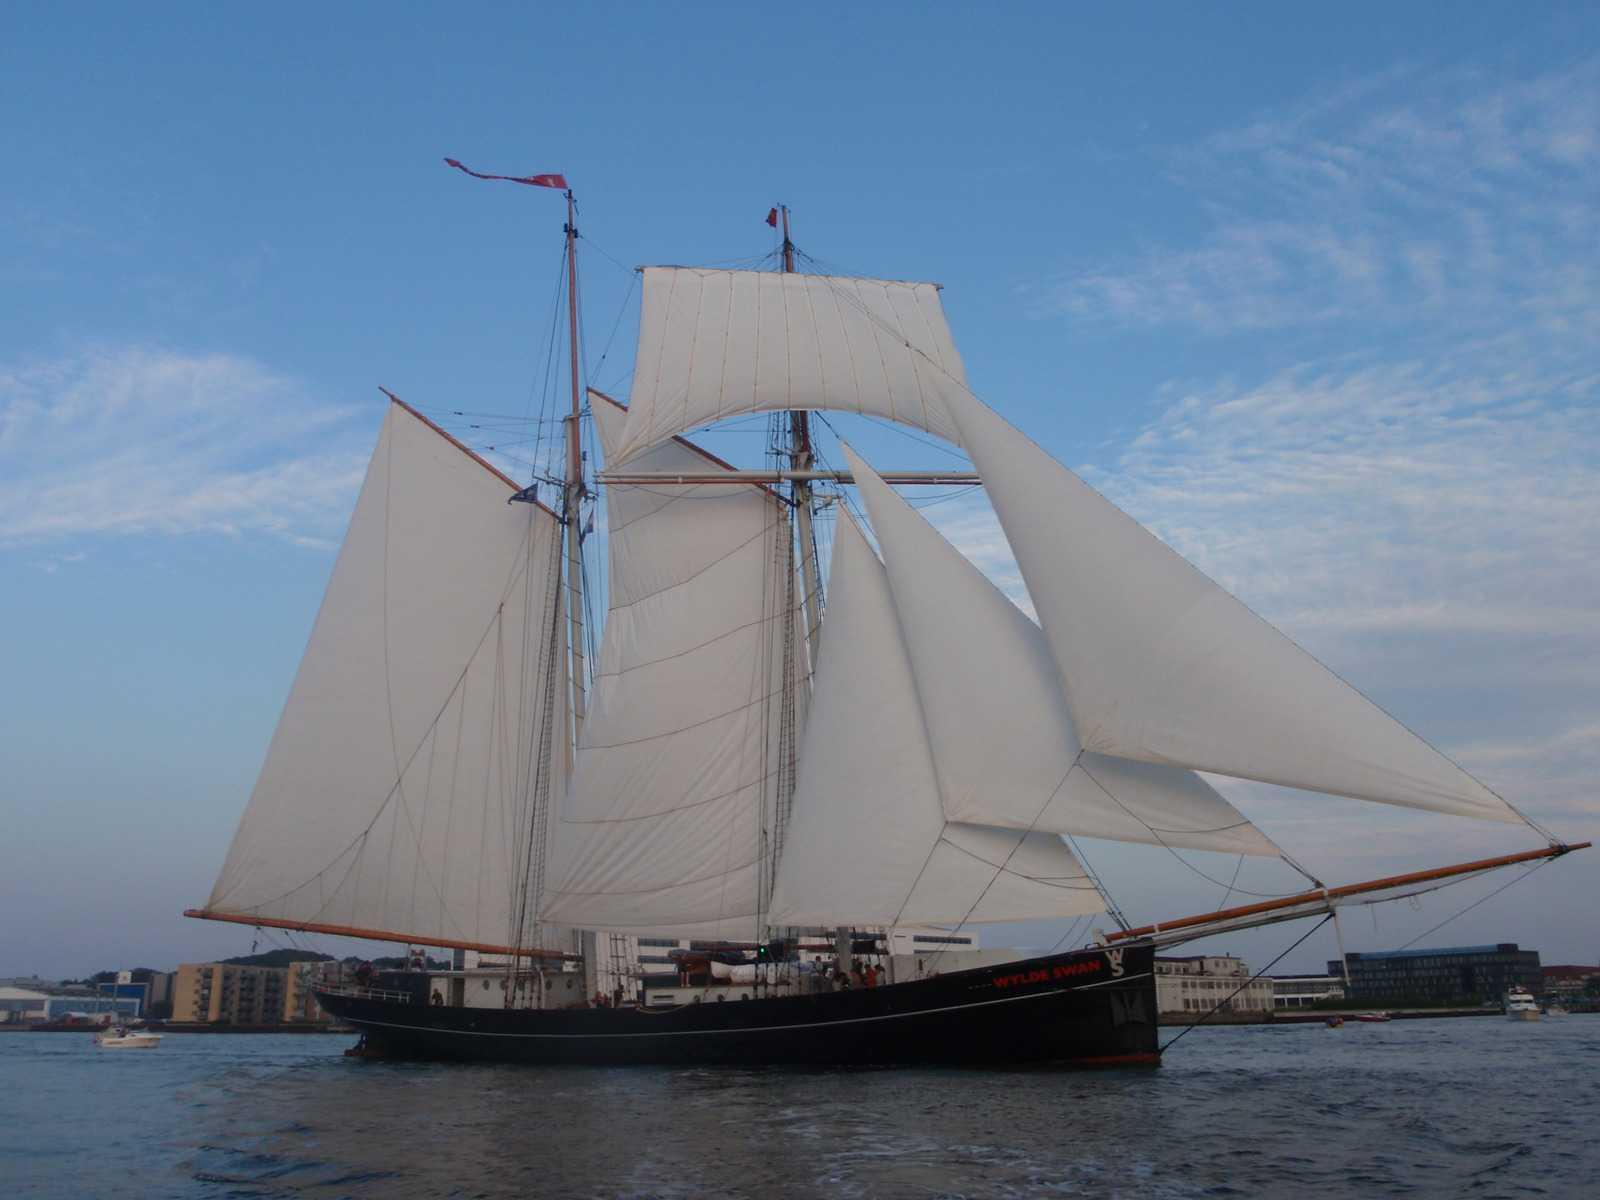 Шхуна Wylde Swan. Фото: Wikimedia.